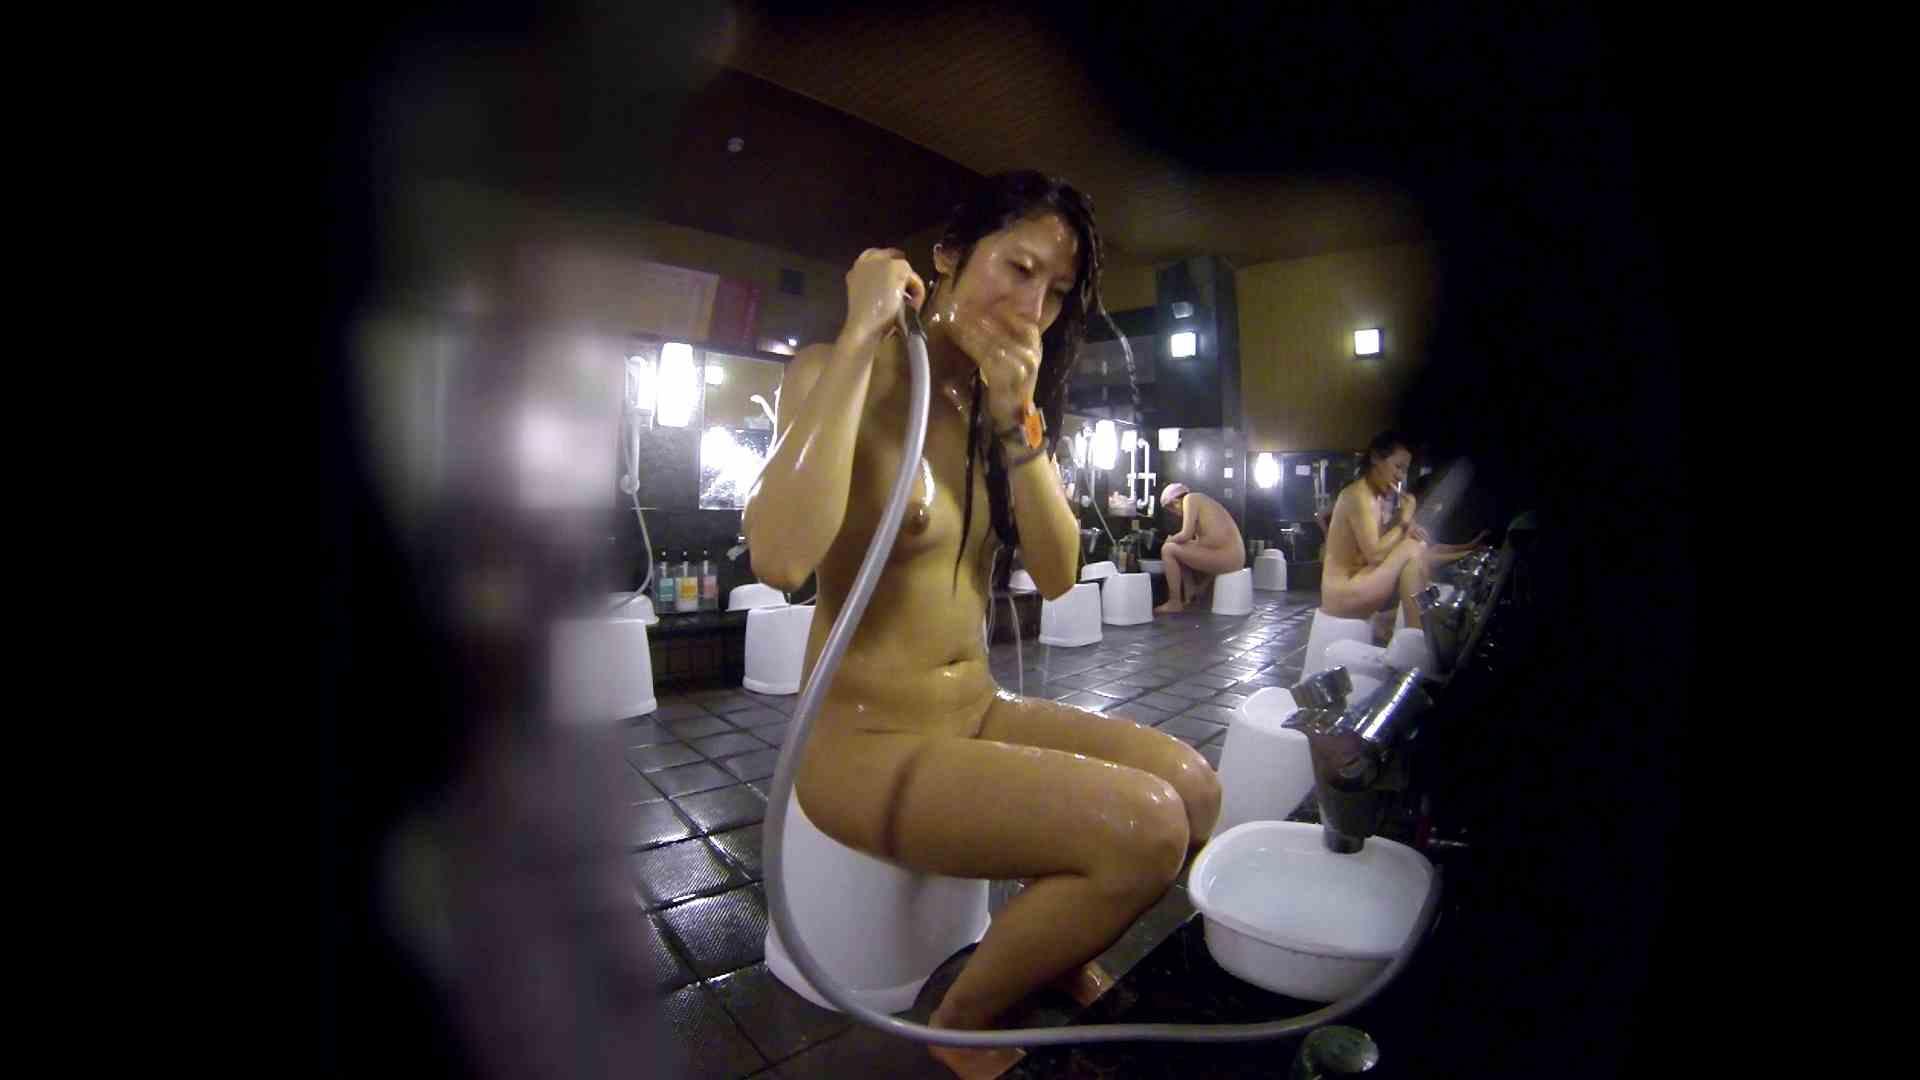 洗い場!綺麗に整えられた陰毛に嫉妬します。 銭湯着替え おめこ無修正動画無料 63画像 47